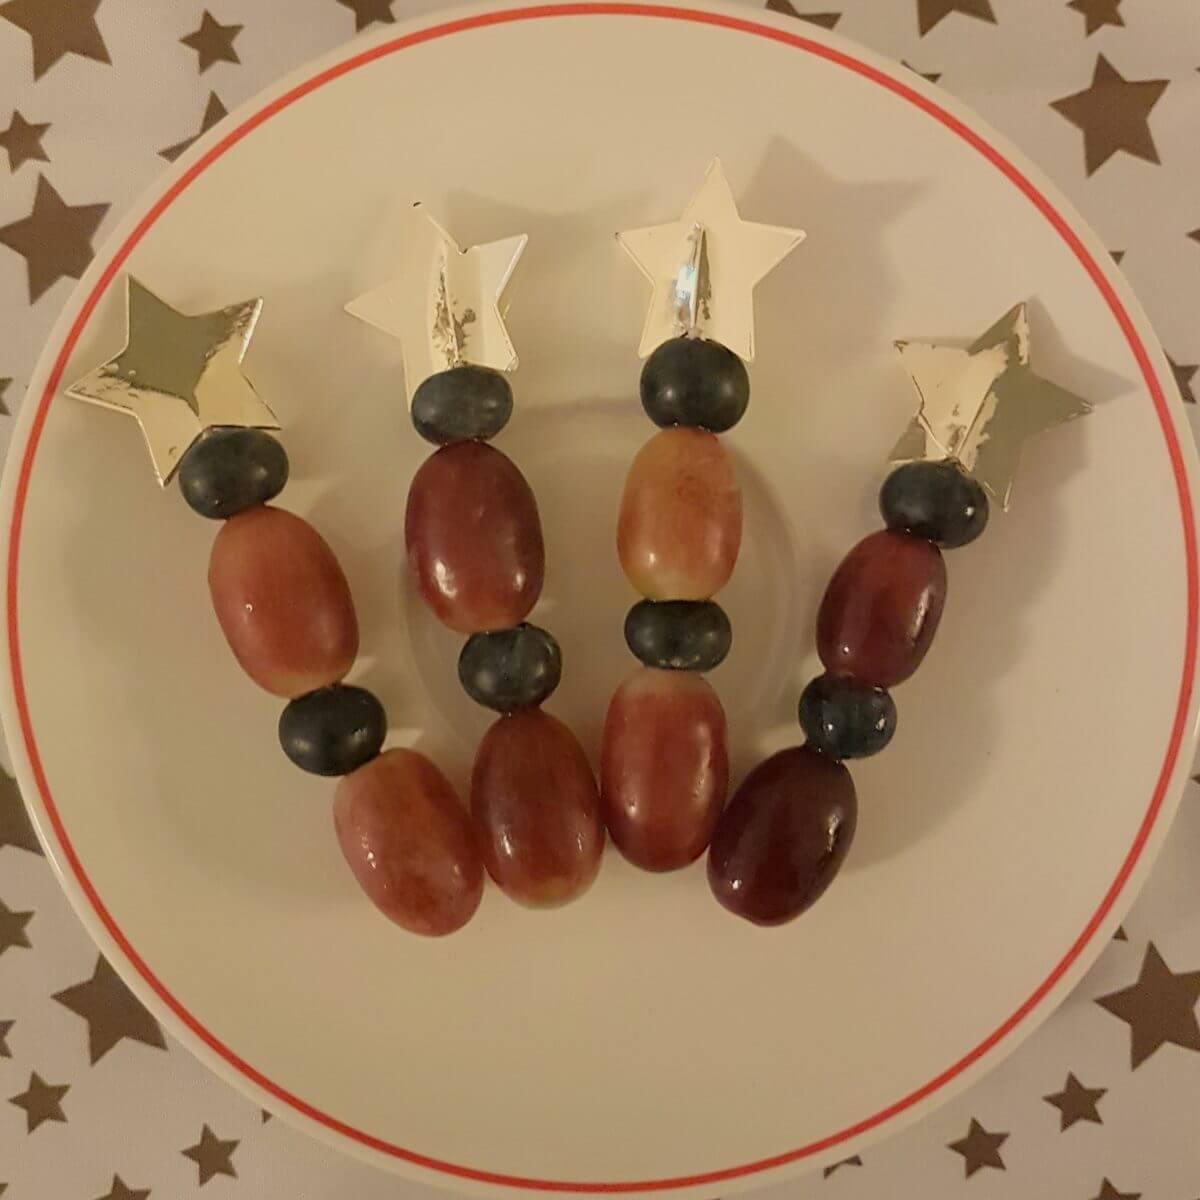 fruitprikker met ster - zoete recepten en ideeën om te kerst knutselen met eten